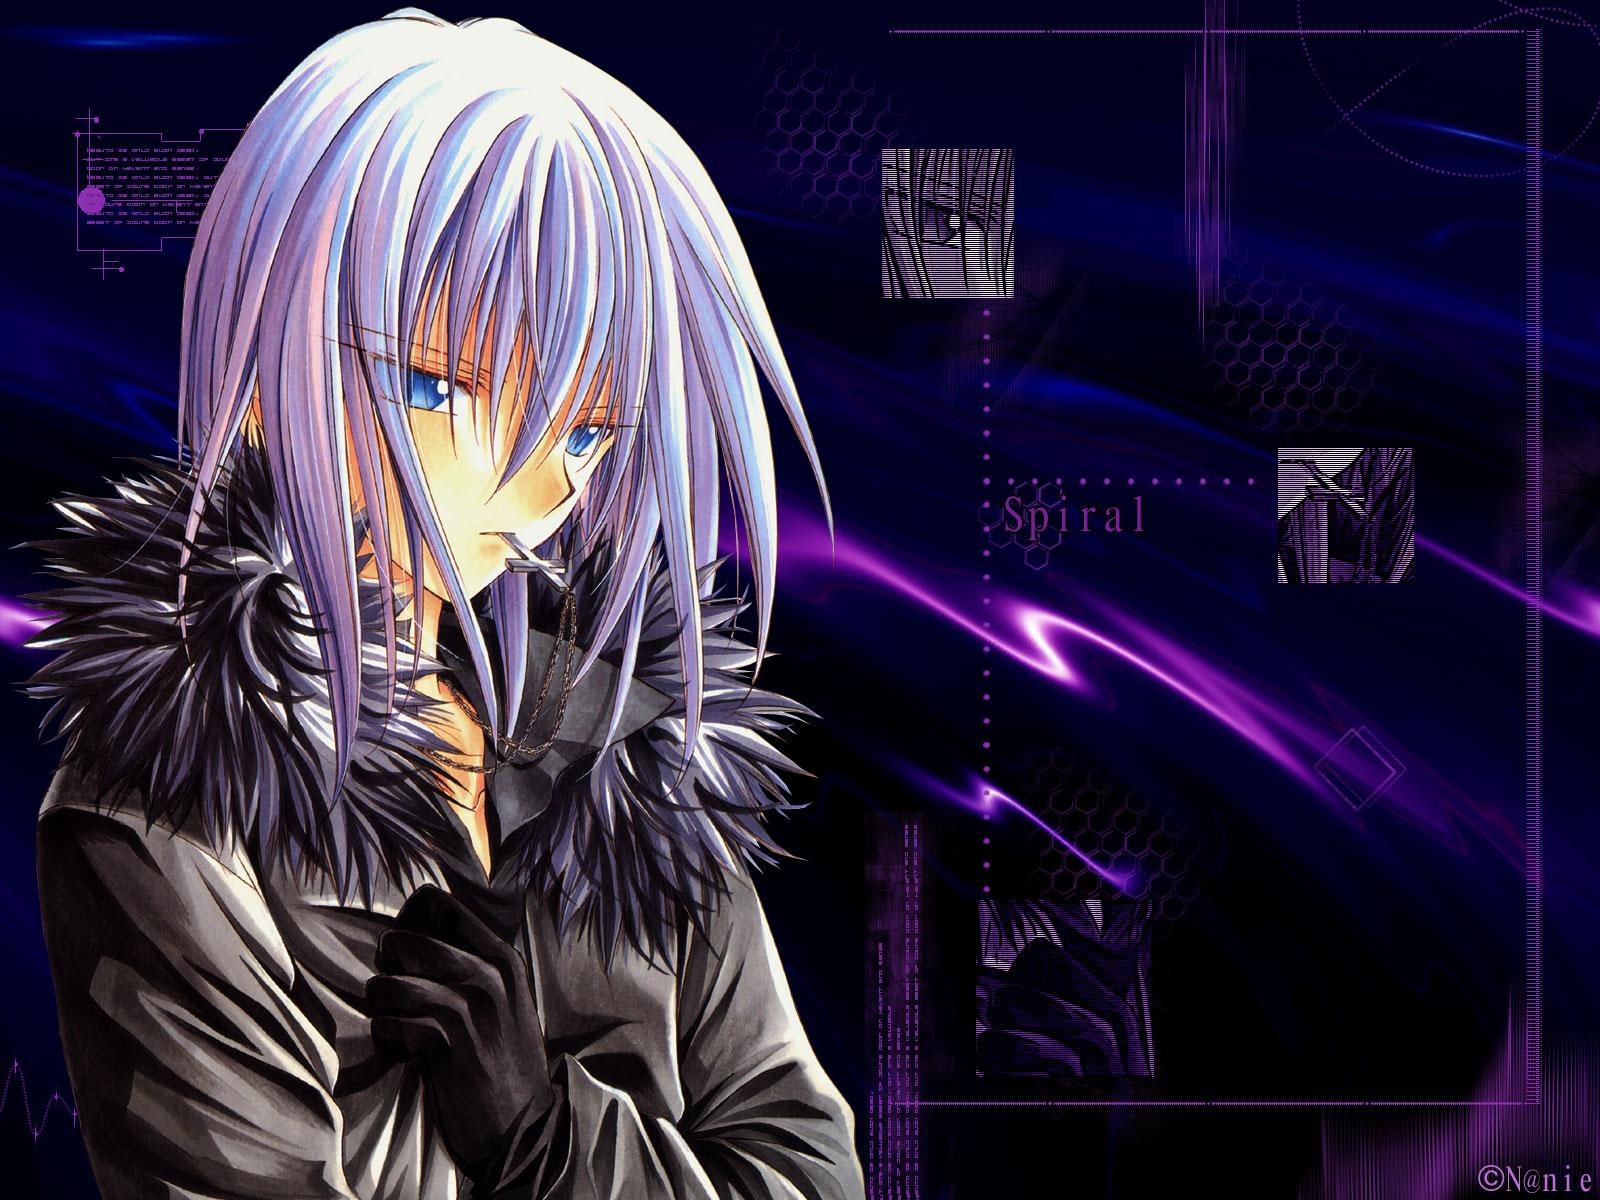 http://1.bp.blogspot.com/-7UxDXq7q6QE/TihIB0ilArI/AAAAAAAAAA4/QF9zkgi27Ks/s1600/free+anime+wallpapers9.jpg